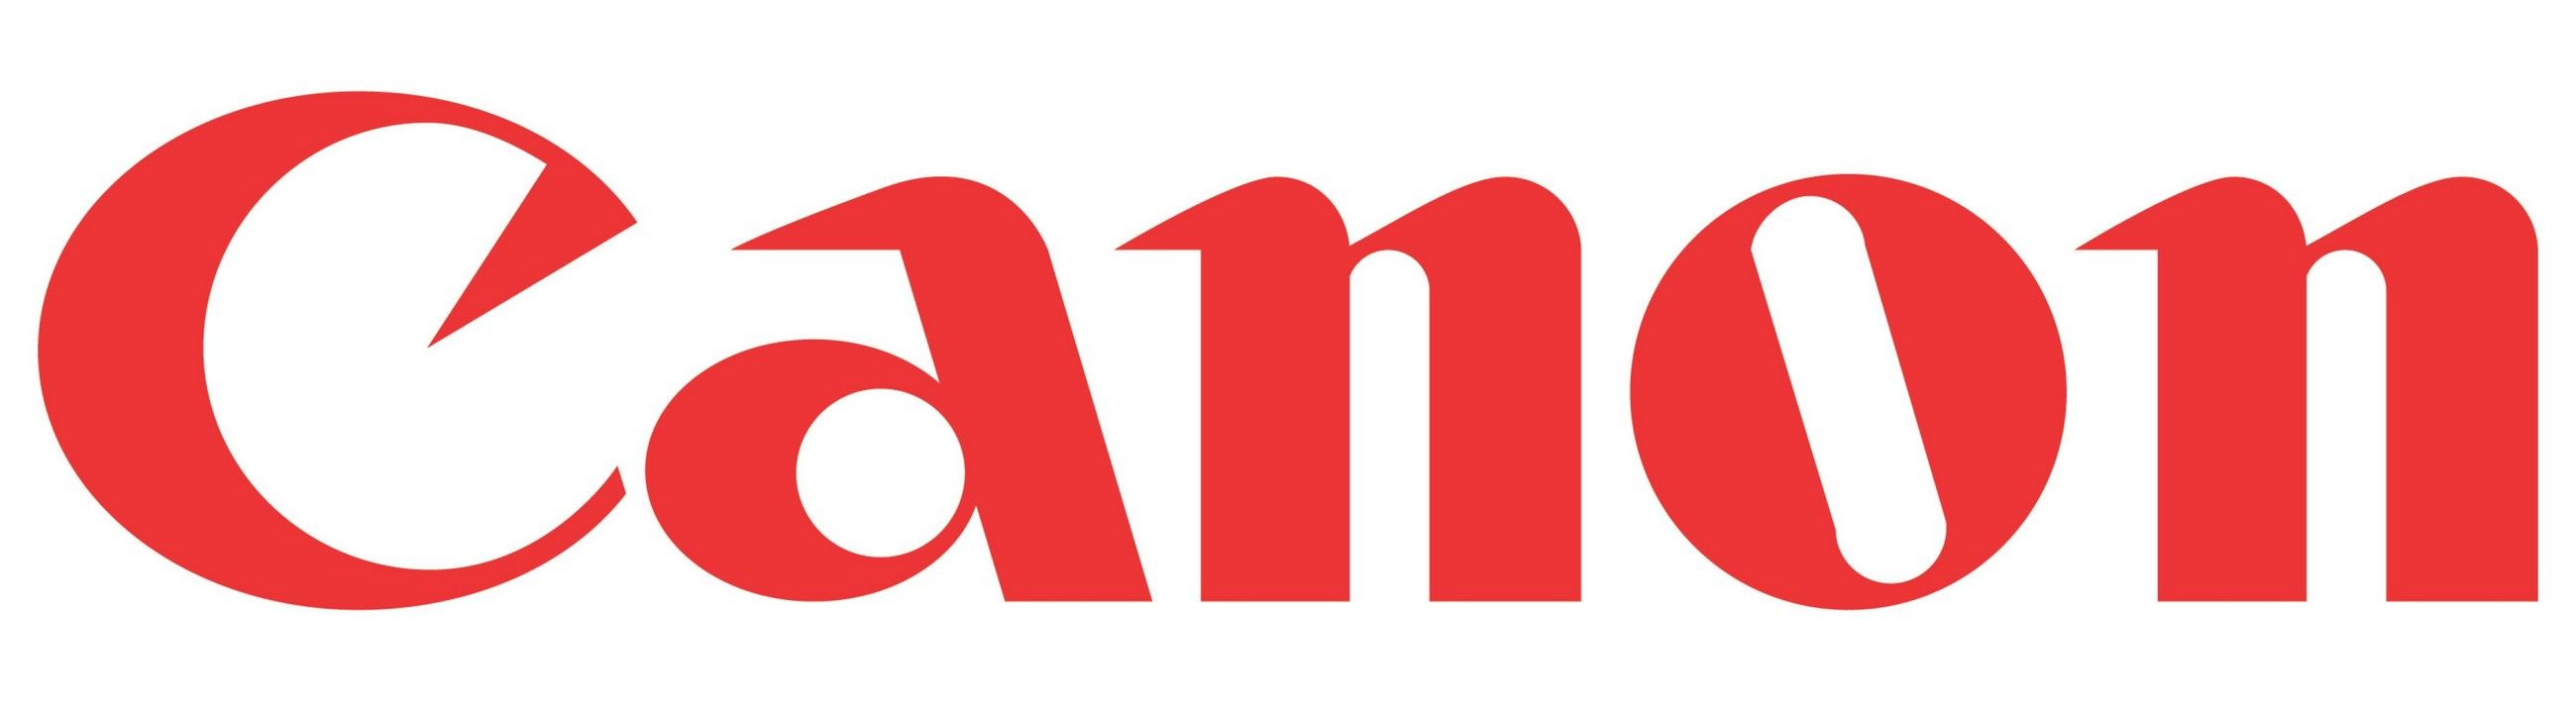 Canon logo canon logos canon camera